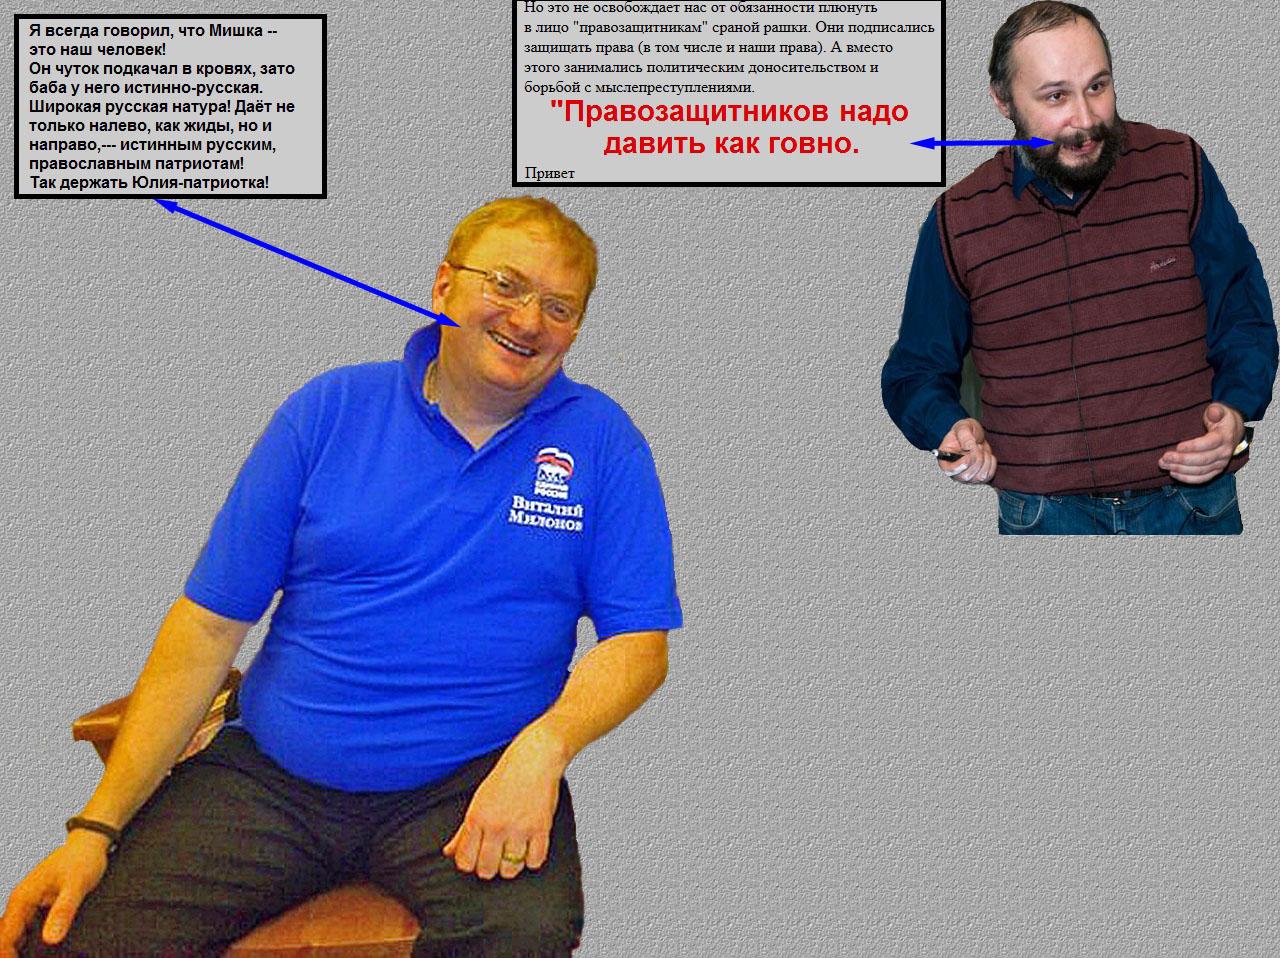 Милонов Виталий и Вербицкий на сером фоне с текстом, готово